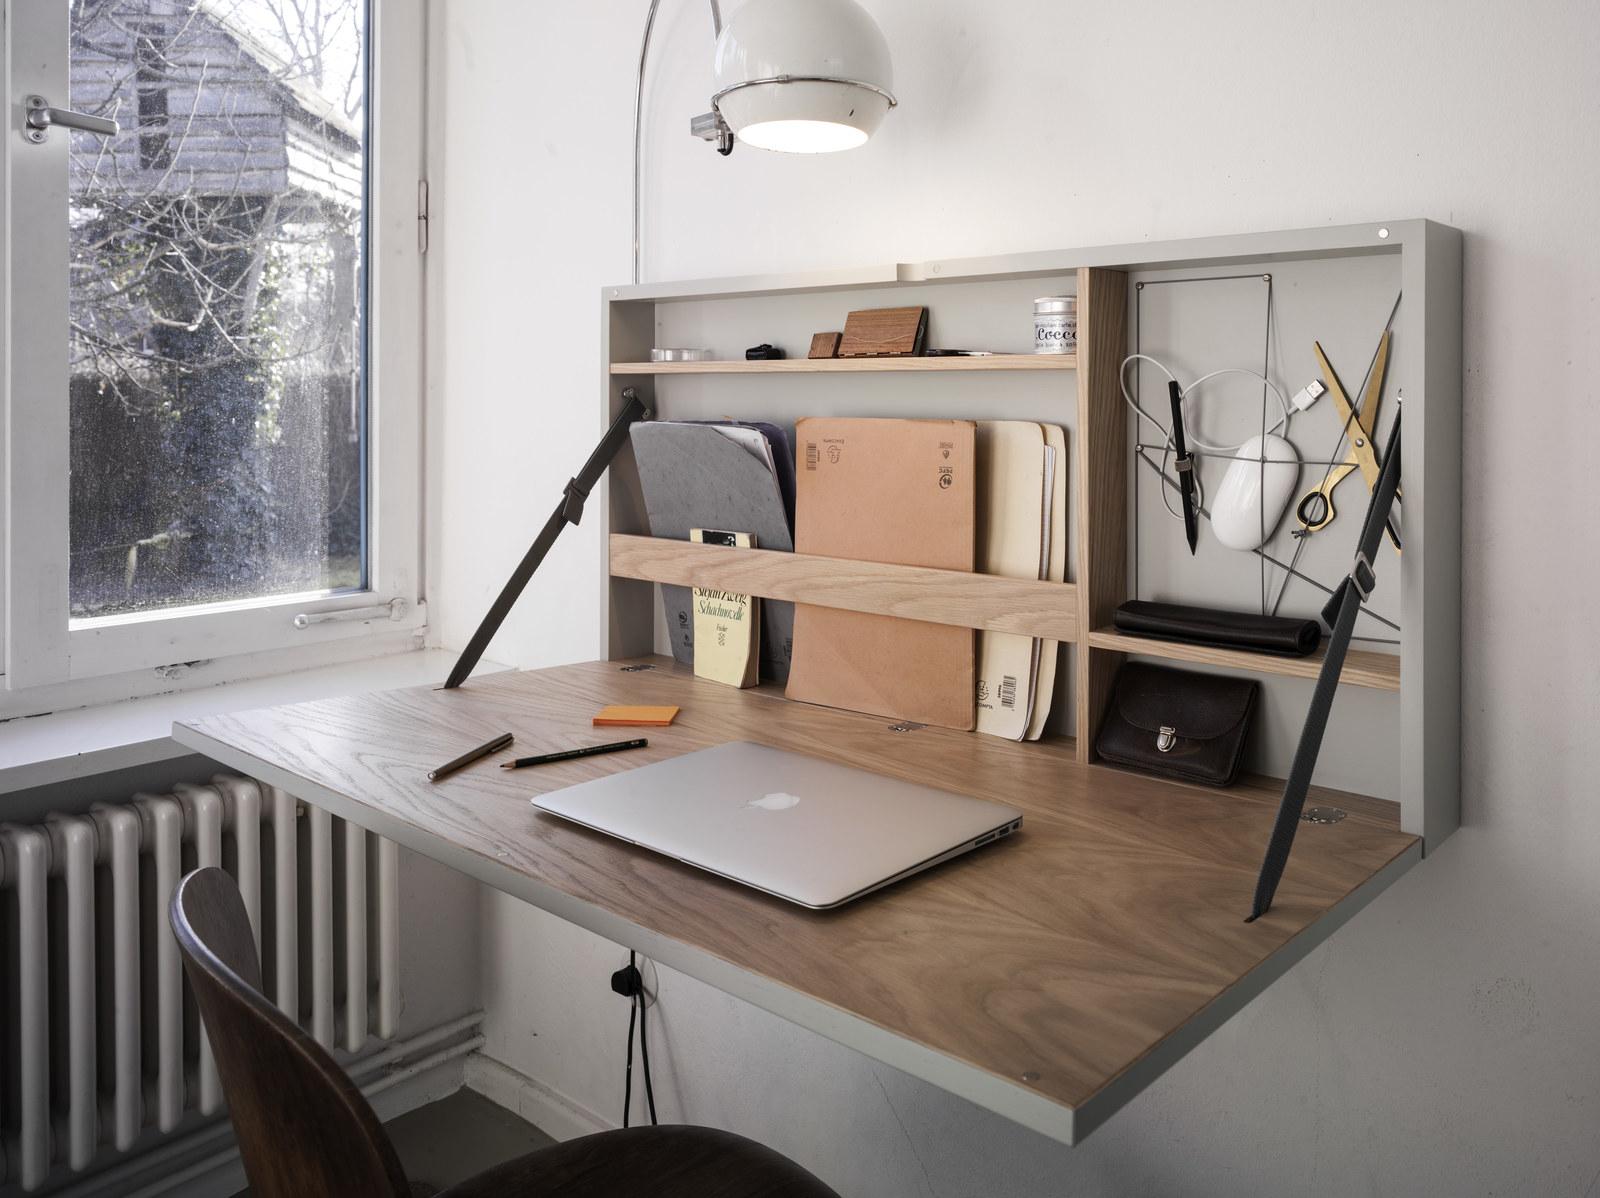 Entzuckend 9. Wie Oft Sitzt Du Wirklich Am Schreibtisch? Wie Wäre Es Mit Dieser Super  Eleganten Klapp Lösung?